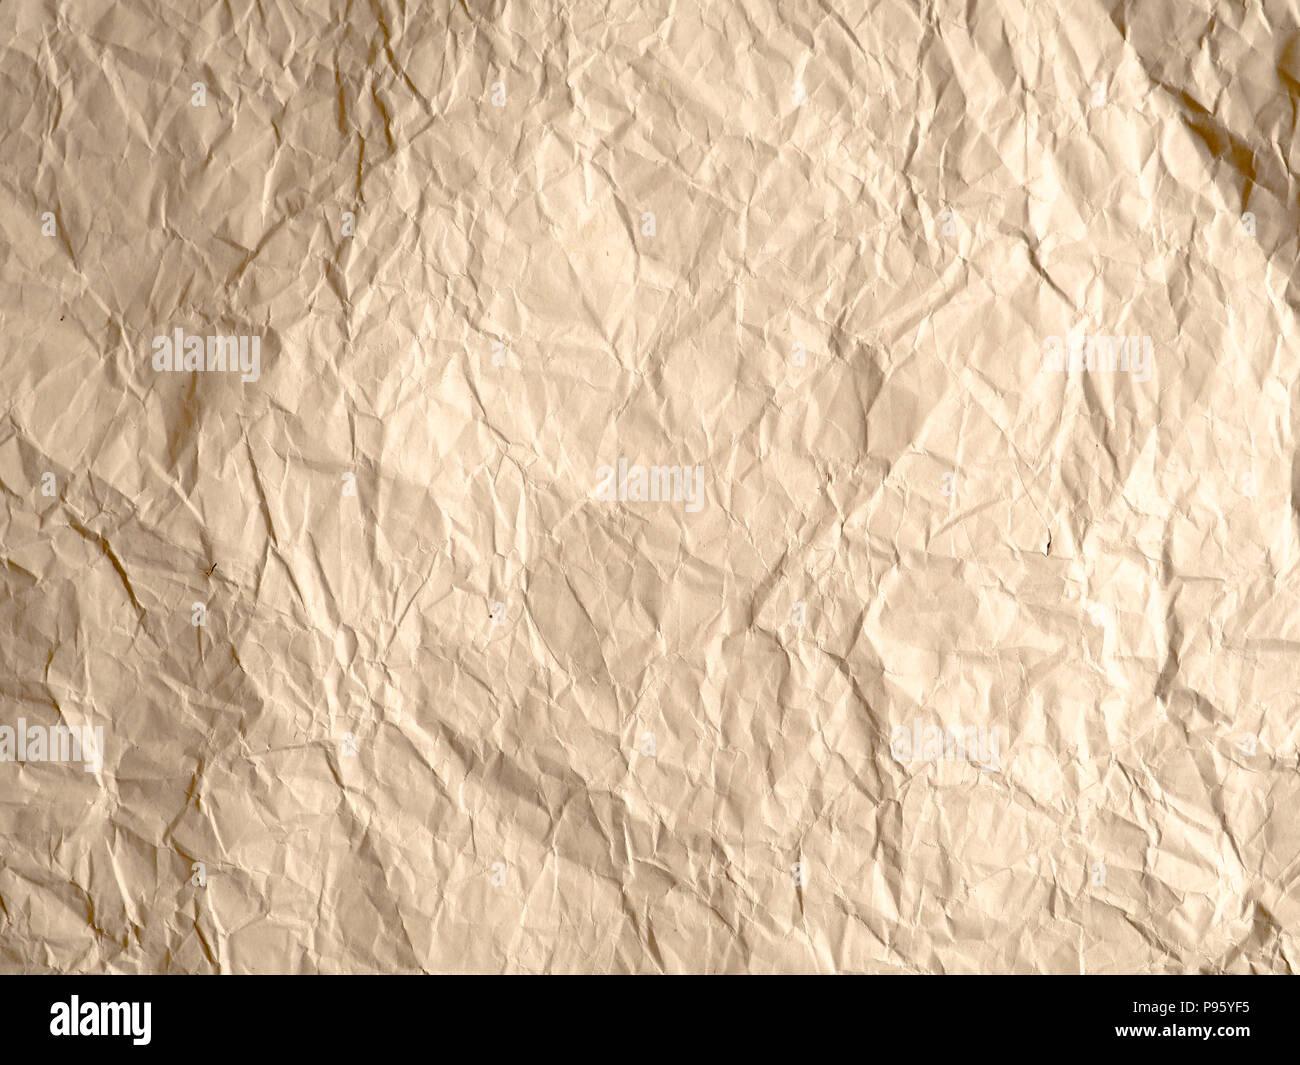 Textura De Papel Arrugado Fondo Blanco, Marrón Reciclar